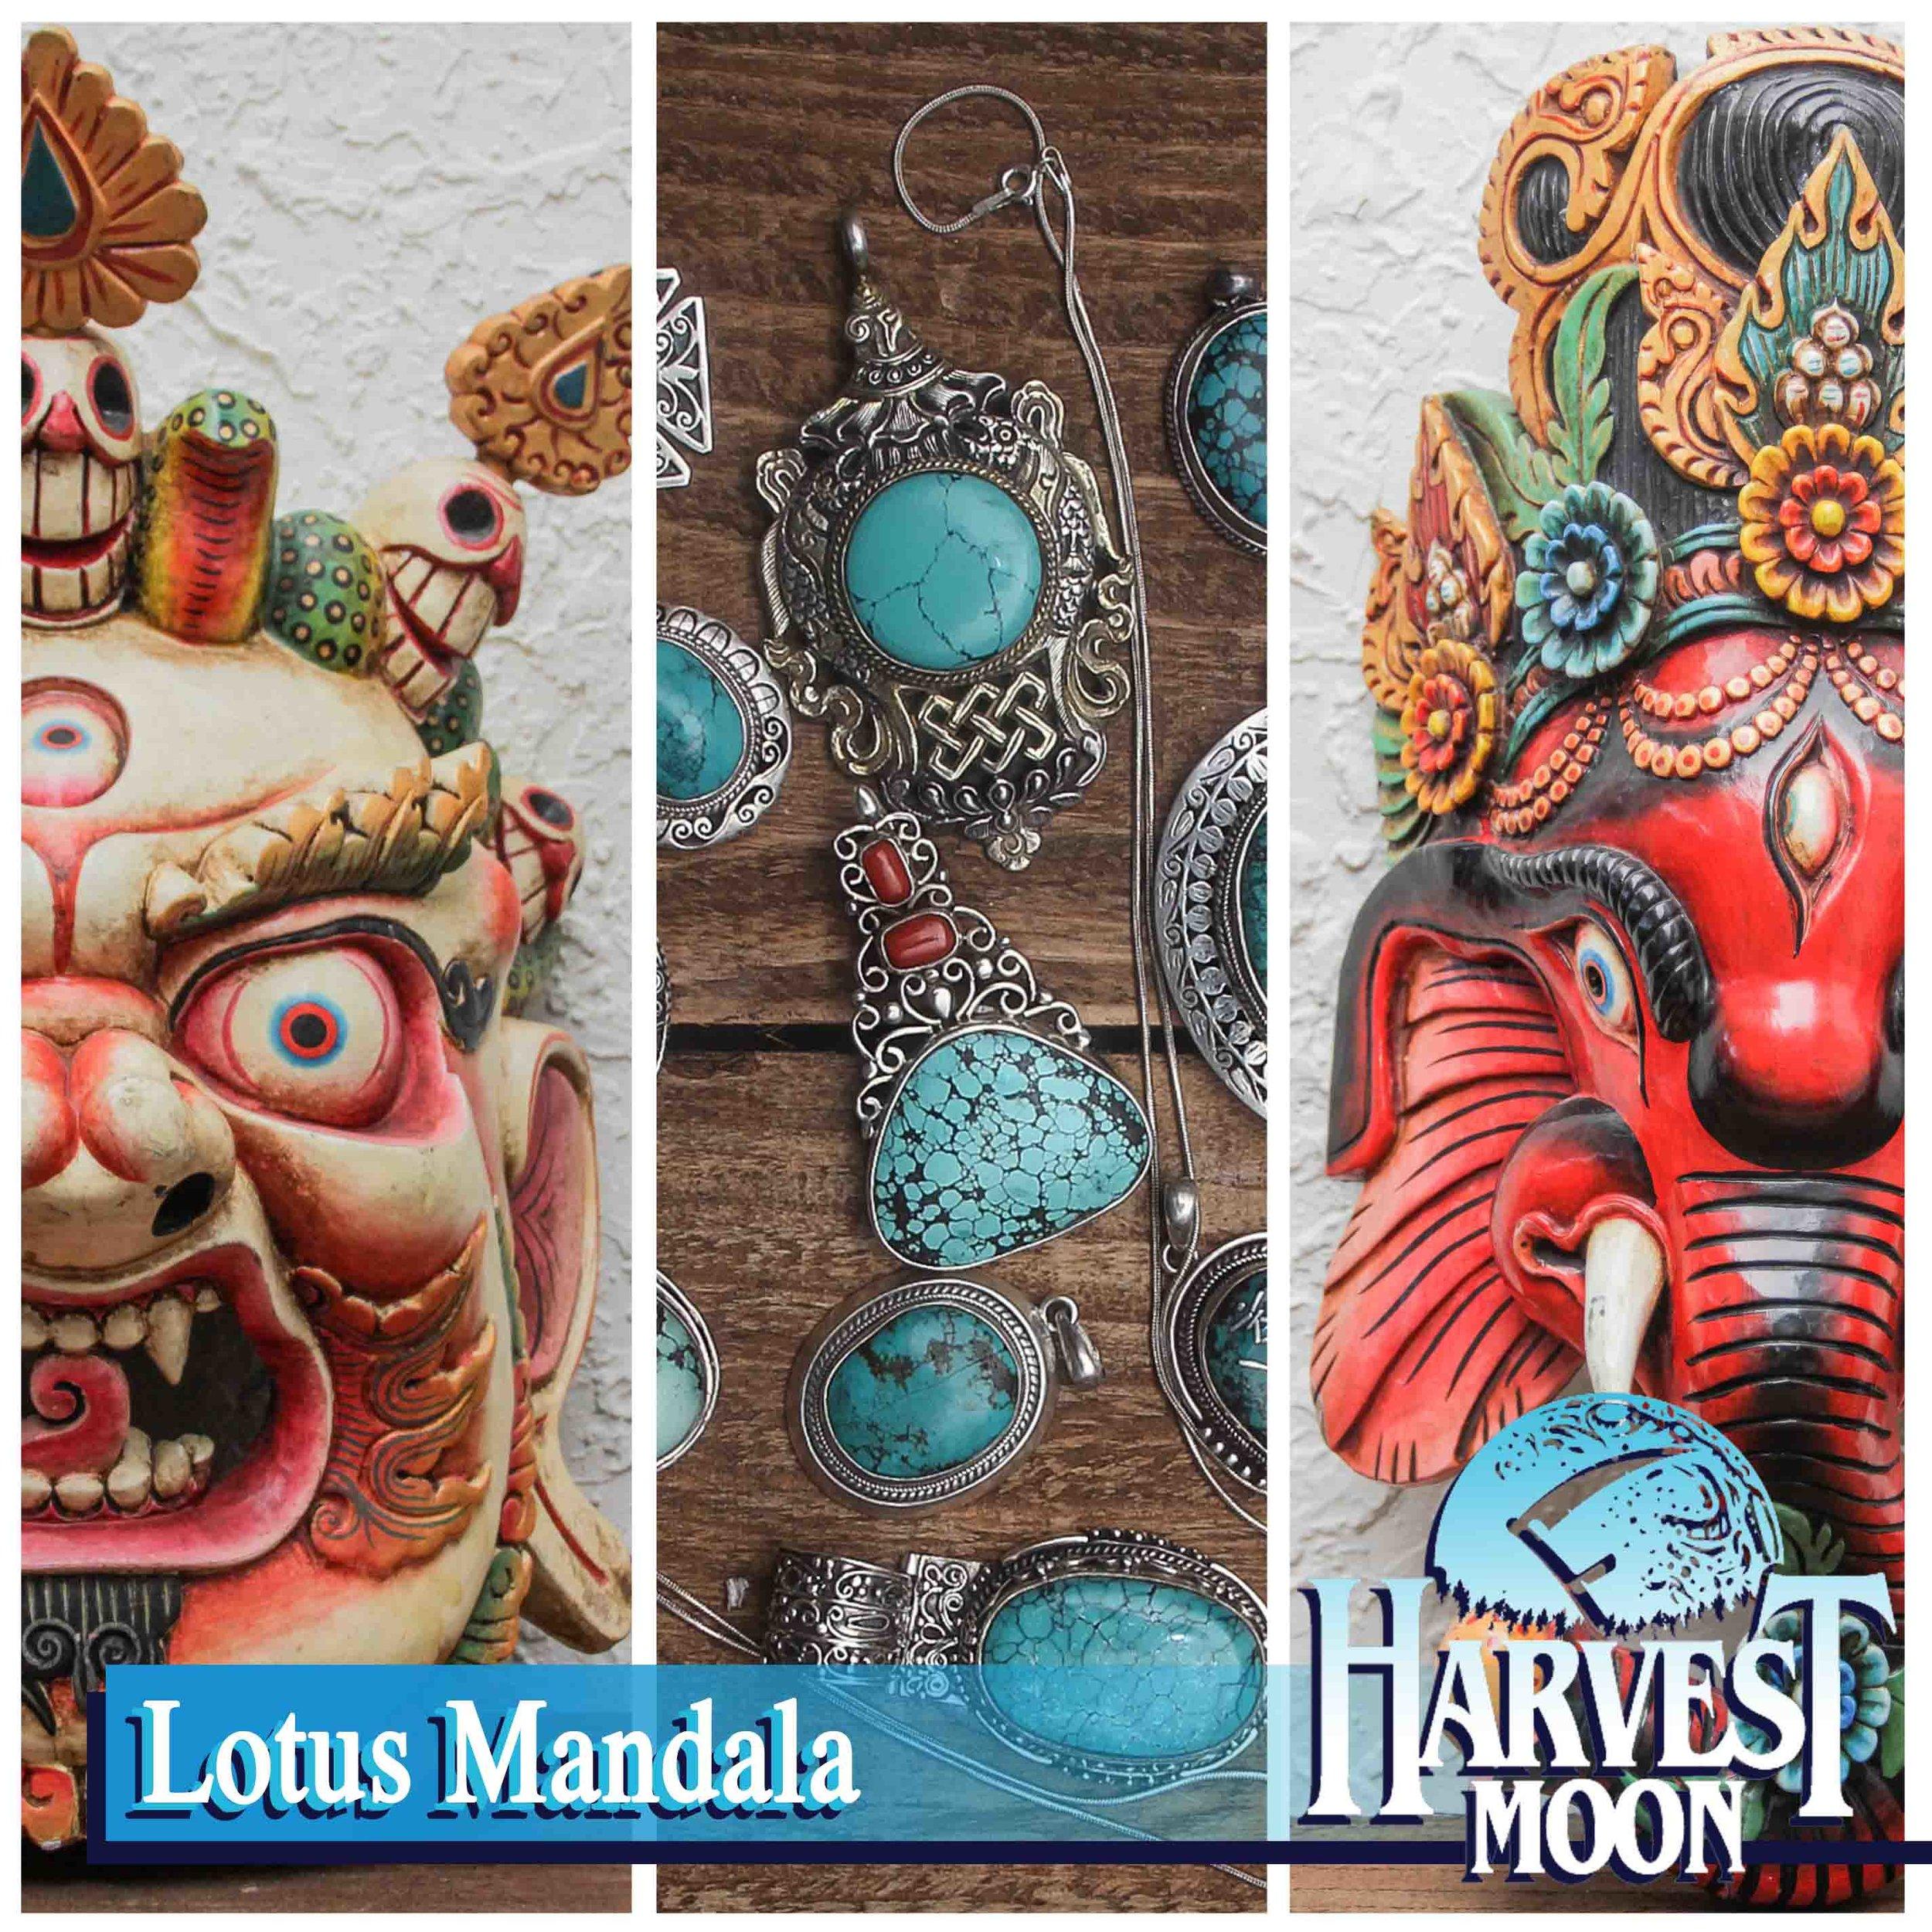 Lotus Mandala Dallas, TX